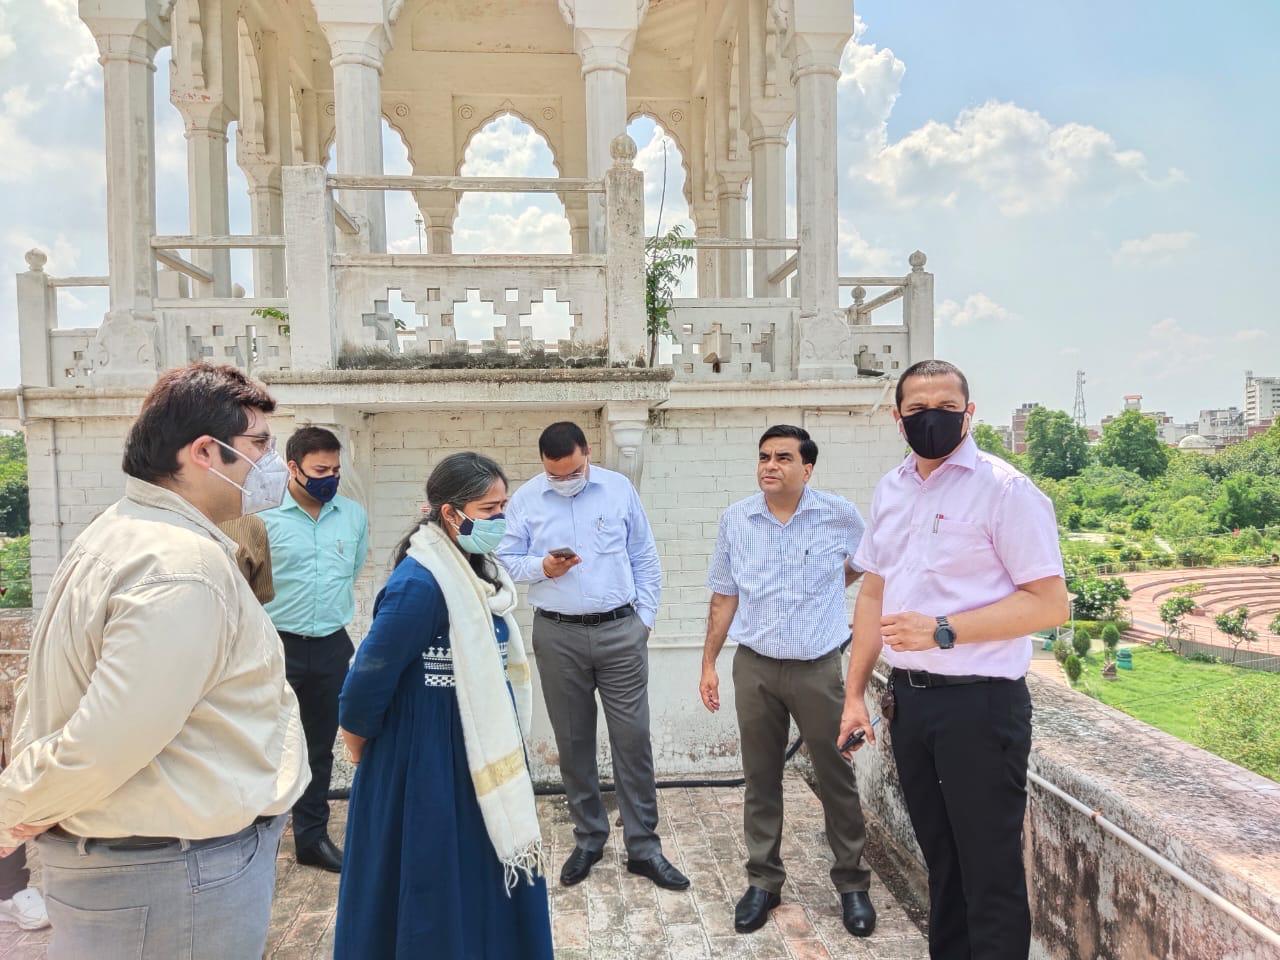 सारनाथ के बाद बिल्डिंग प्रोजेक्शन के जरिए दिखाया जाएगा स्वतंत्रता संग्राम और शहर का इतिहास|कानपुर,Kanpur - Dainik Bhaskar